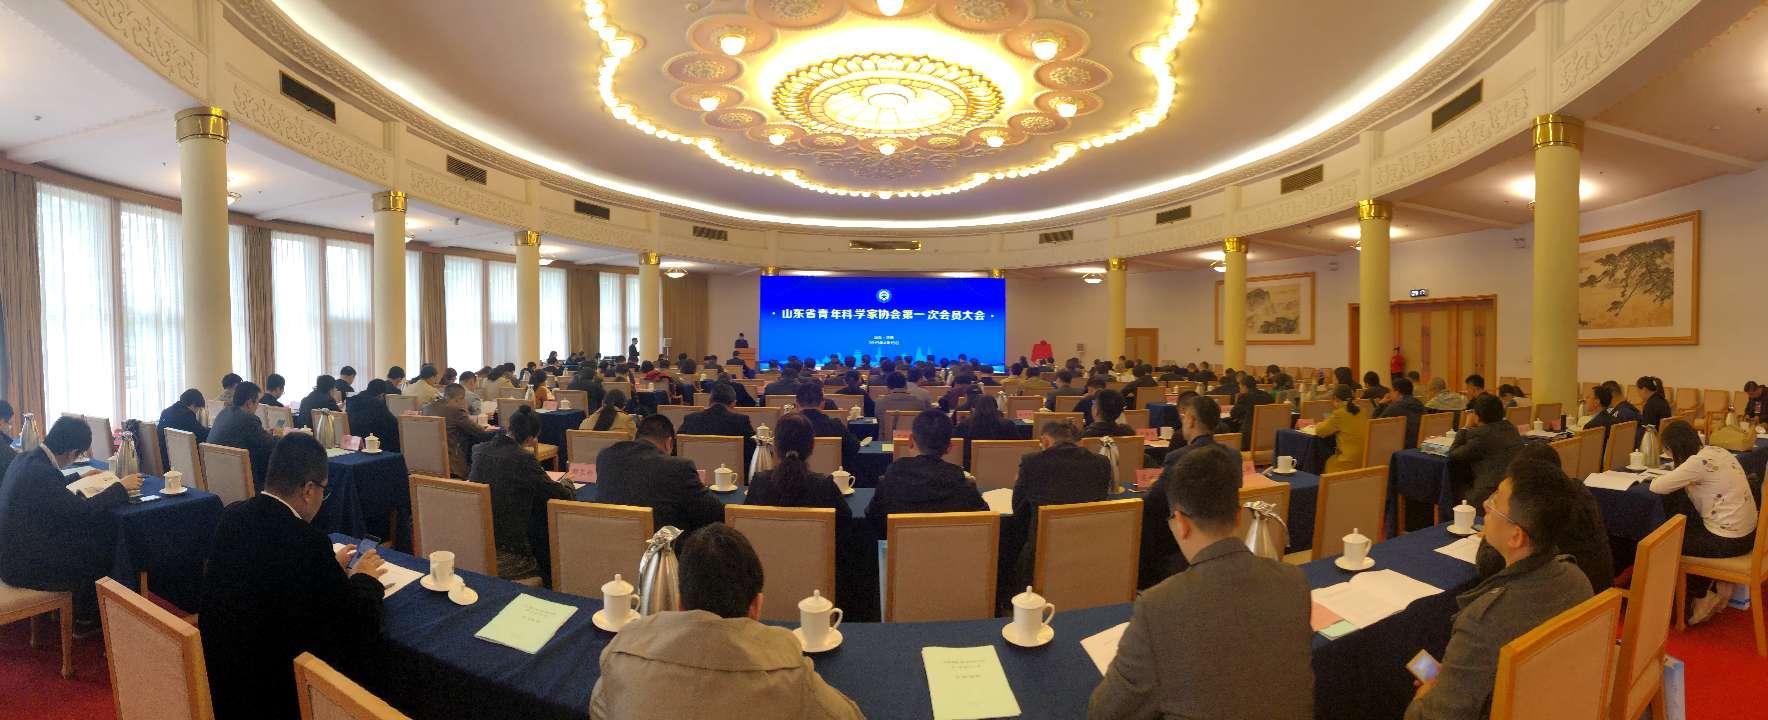 山东省青年科学家协会成立 服务平台同步上线!